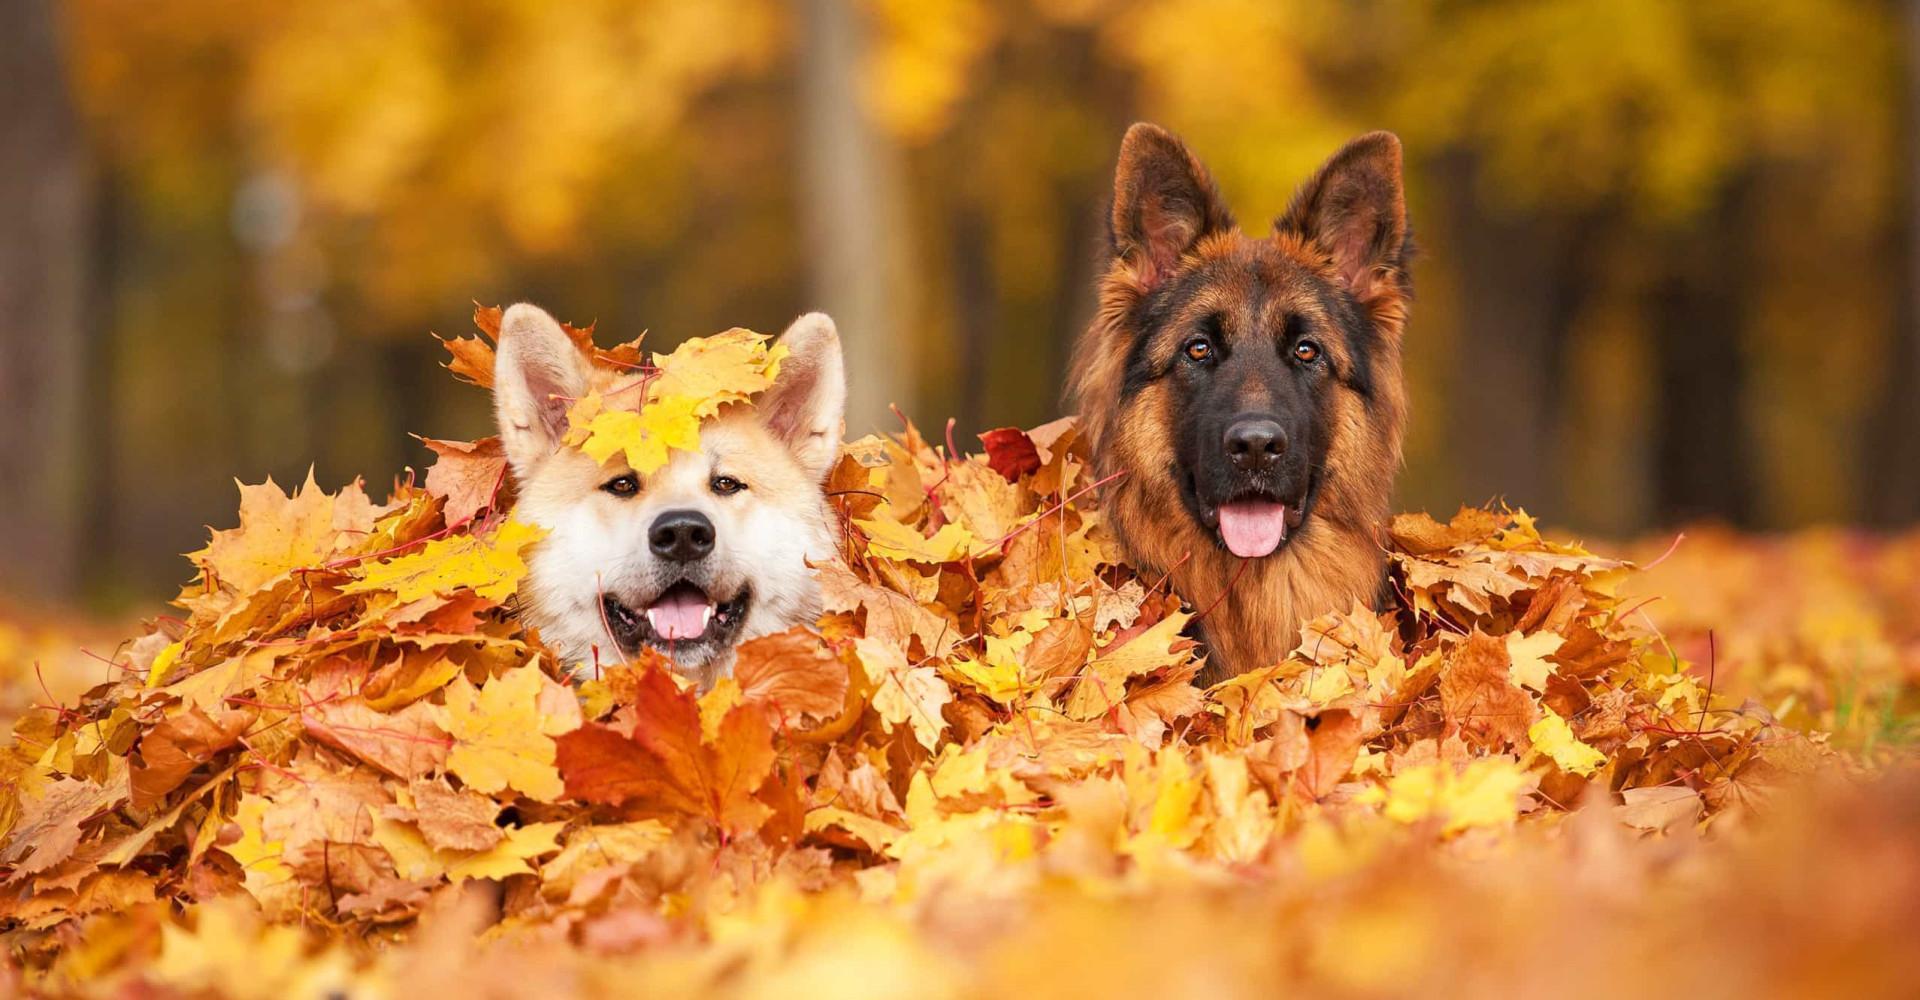 Let hier op als je een herfstwandeling maakt met je hond